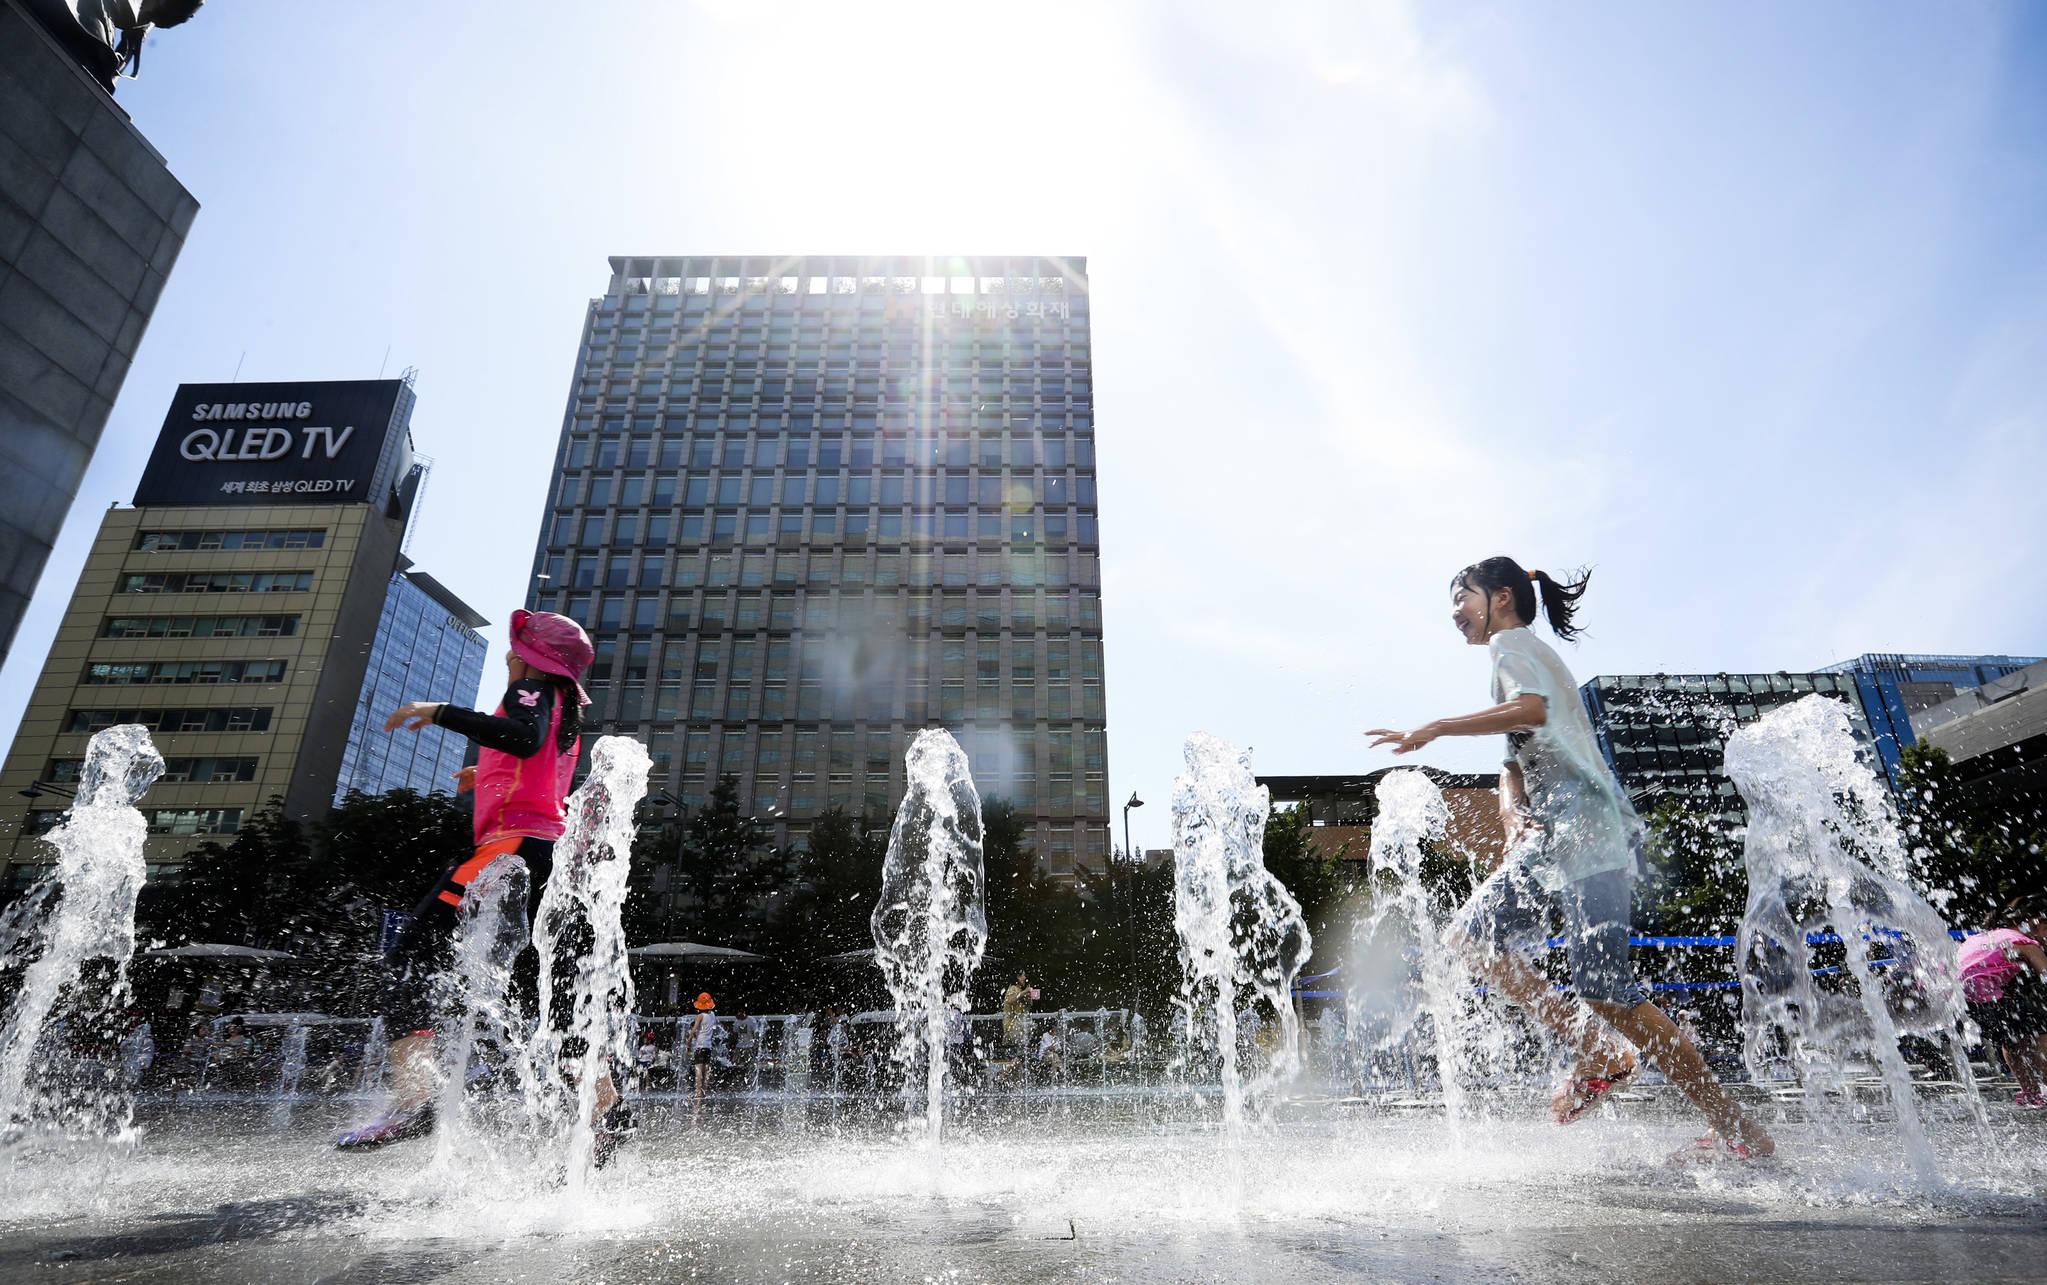 휴일인 2일 오후 서울 광화문 광장 분수대에서 어린이들이 물놀이를 하고 있다. 김경록 기자